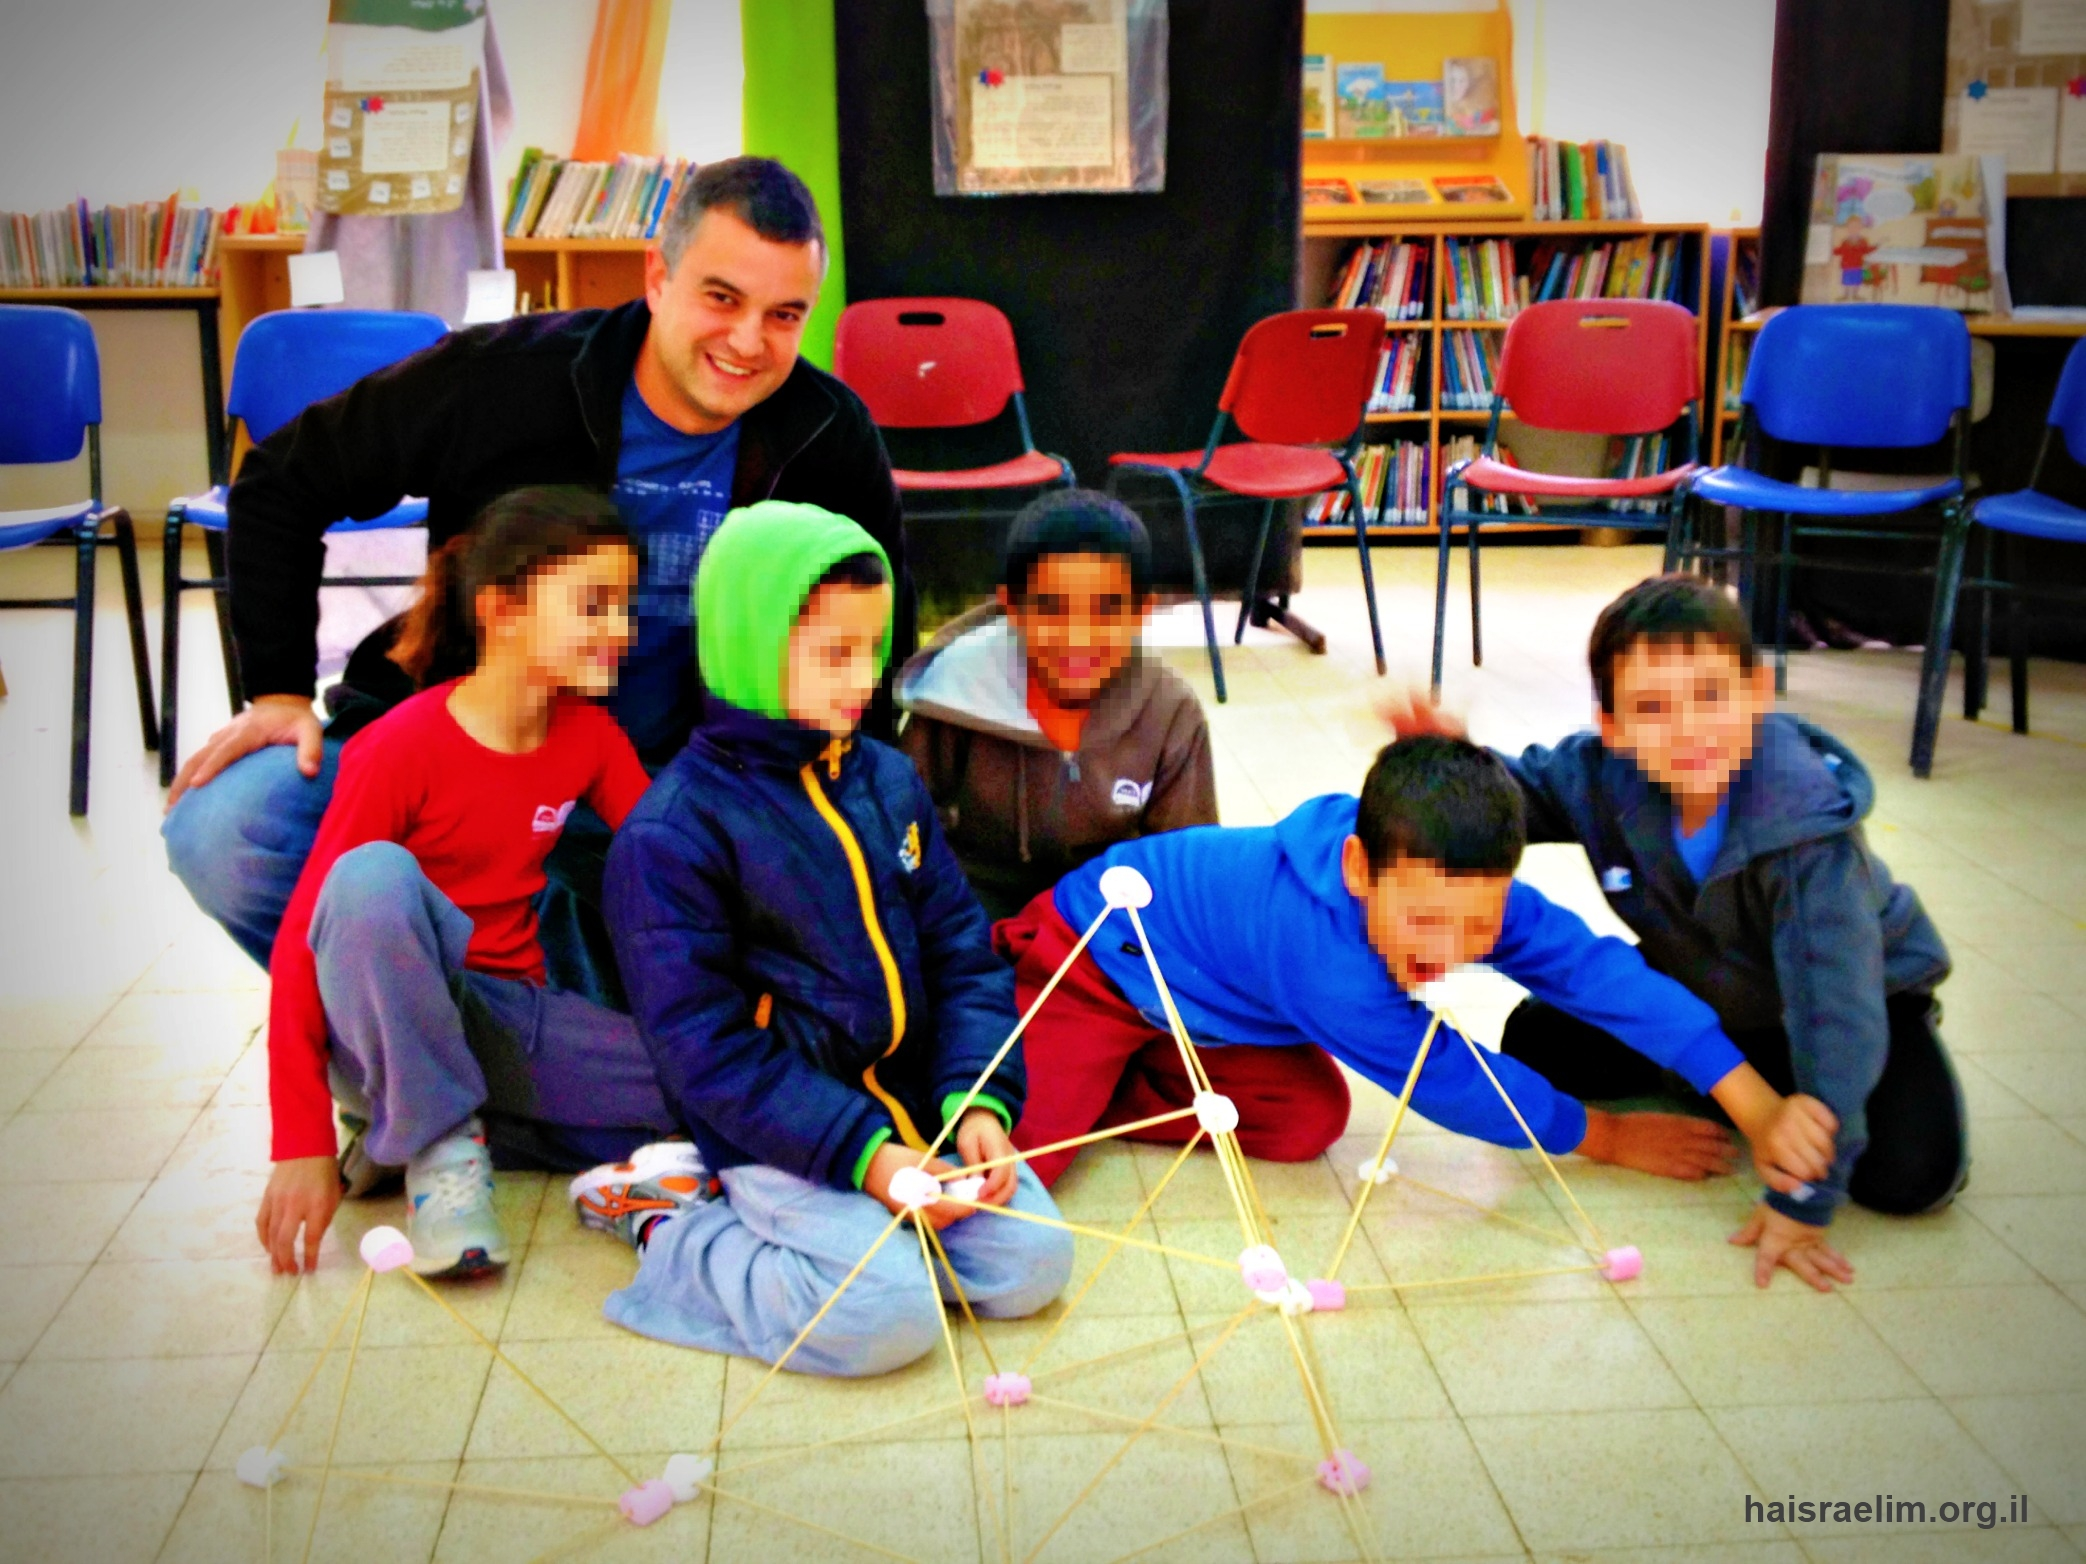 יחד מורים - תומר טרבס בבית ספר השחר